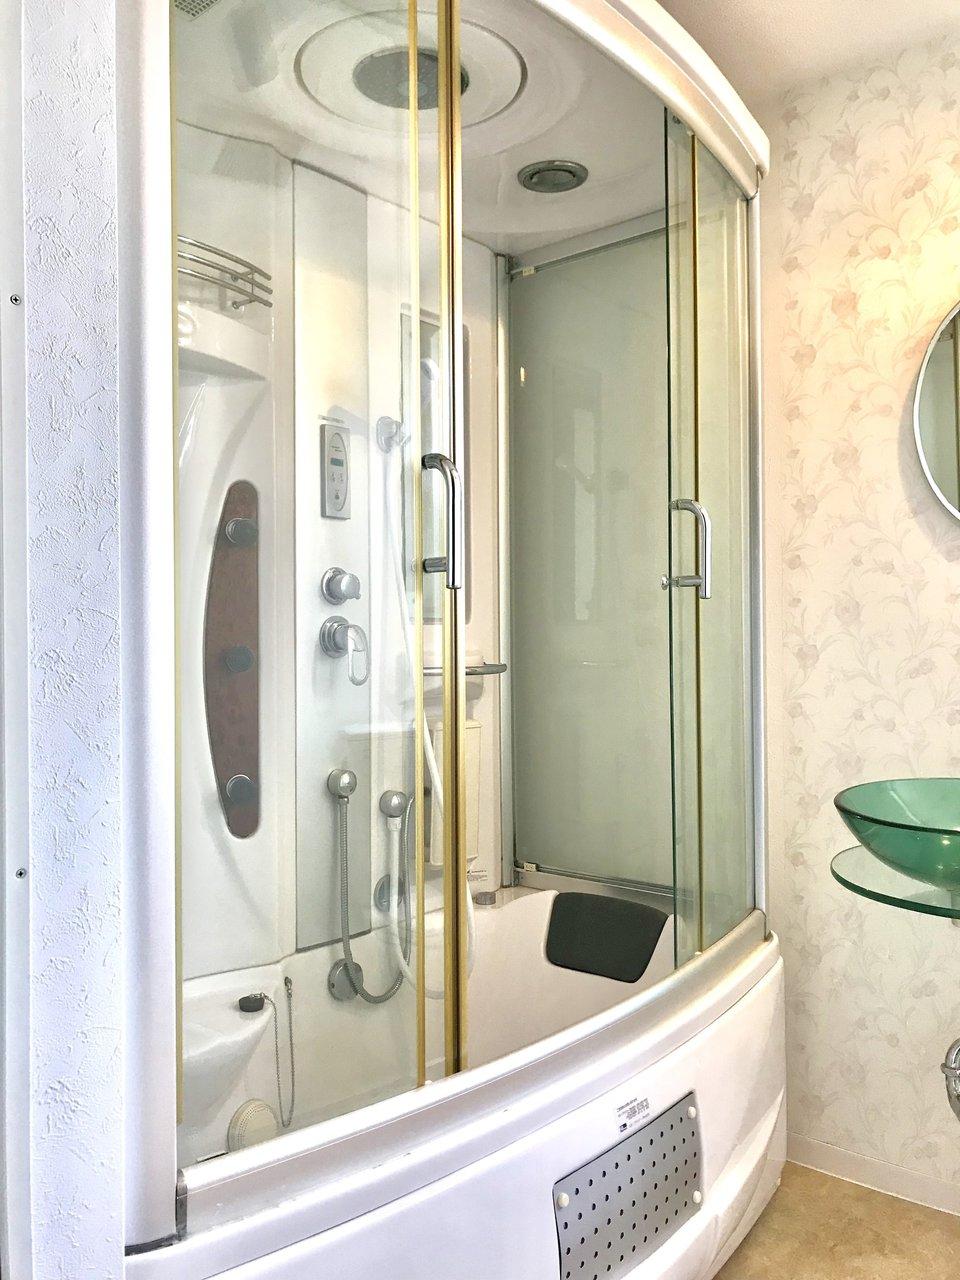 もうひとつ、敬遠されがちな設備「3点ユニット」。お風呂とトイレ、洗面台が一つになった空間のことを指します。でもこの物件なら、そんな設備もちょっとしたおすすめポイント。そう、なんといっても広いんです。お風呂には開閉式のドアもついているので、湿気が溜まりにくいのもよさそうですね。